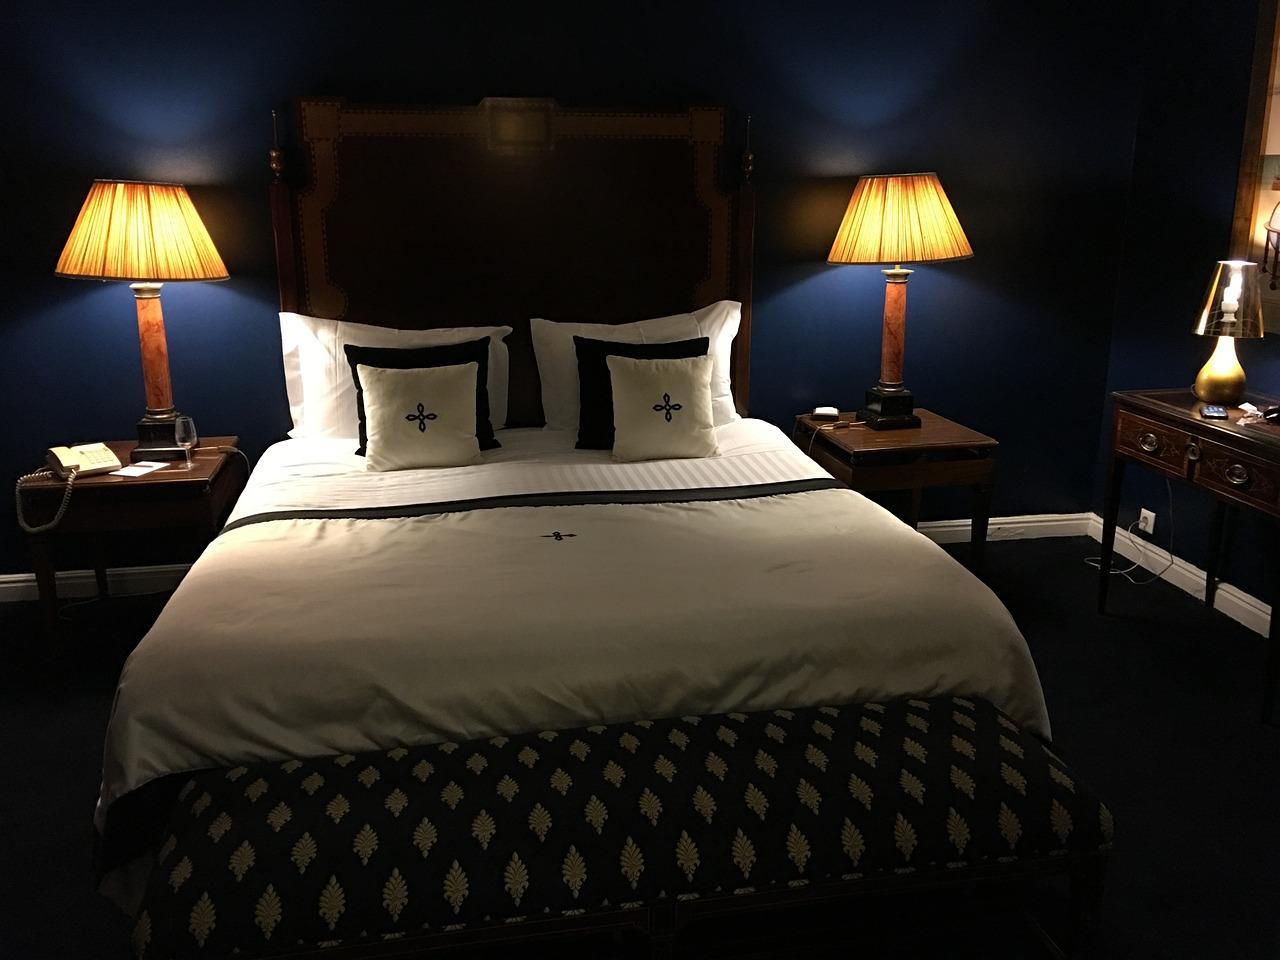 眠いのに眠れない日が続いたら・・敷布団やマットレスを見直してみませんか?2